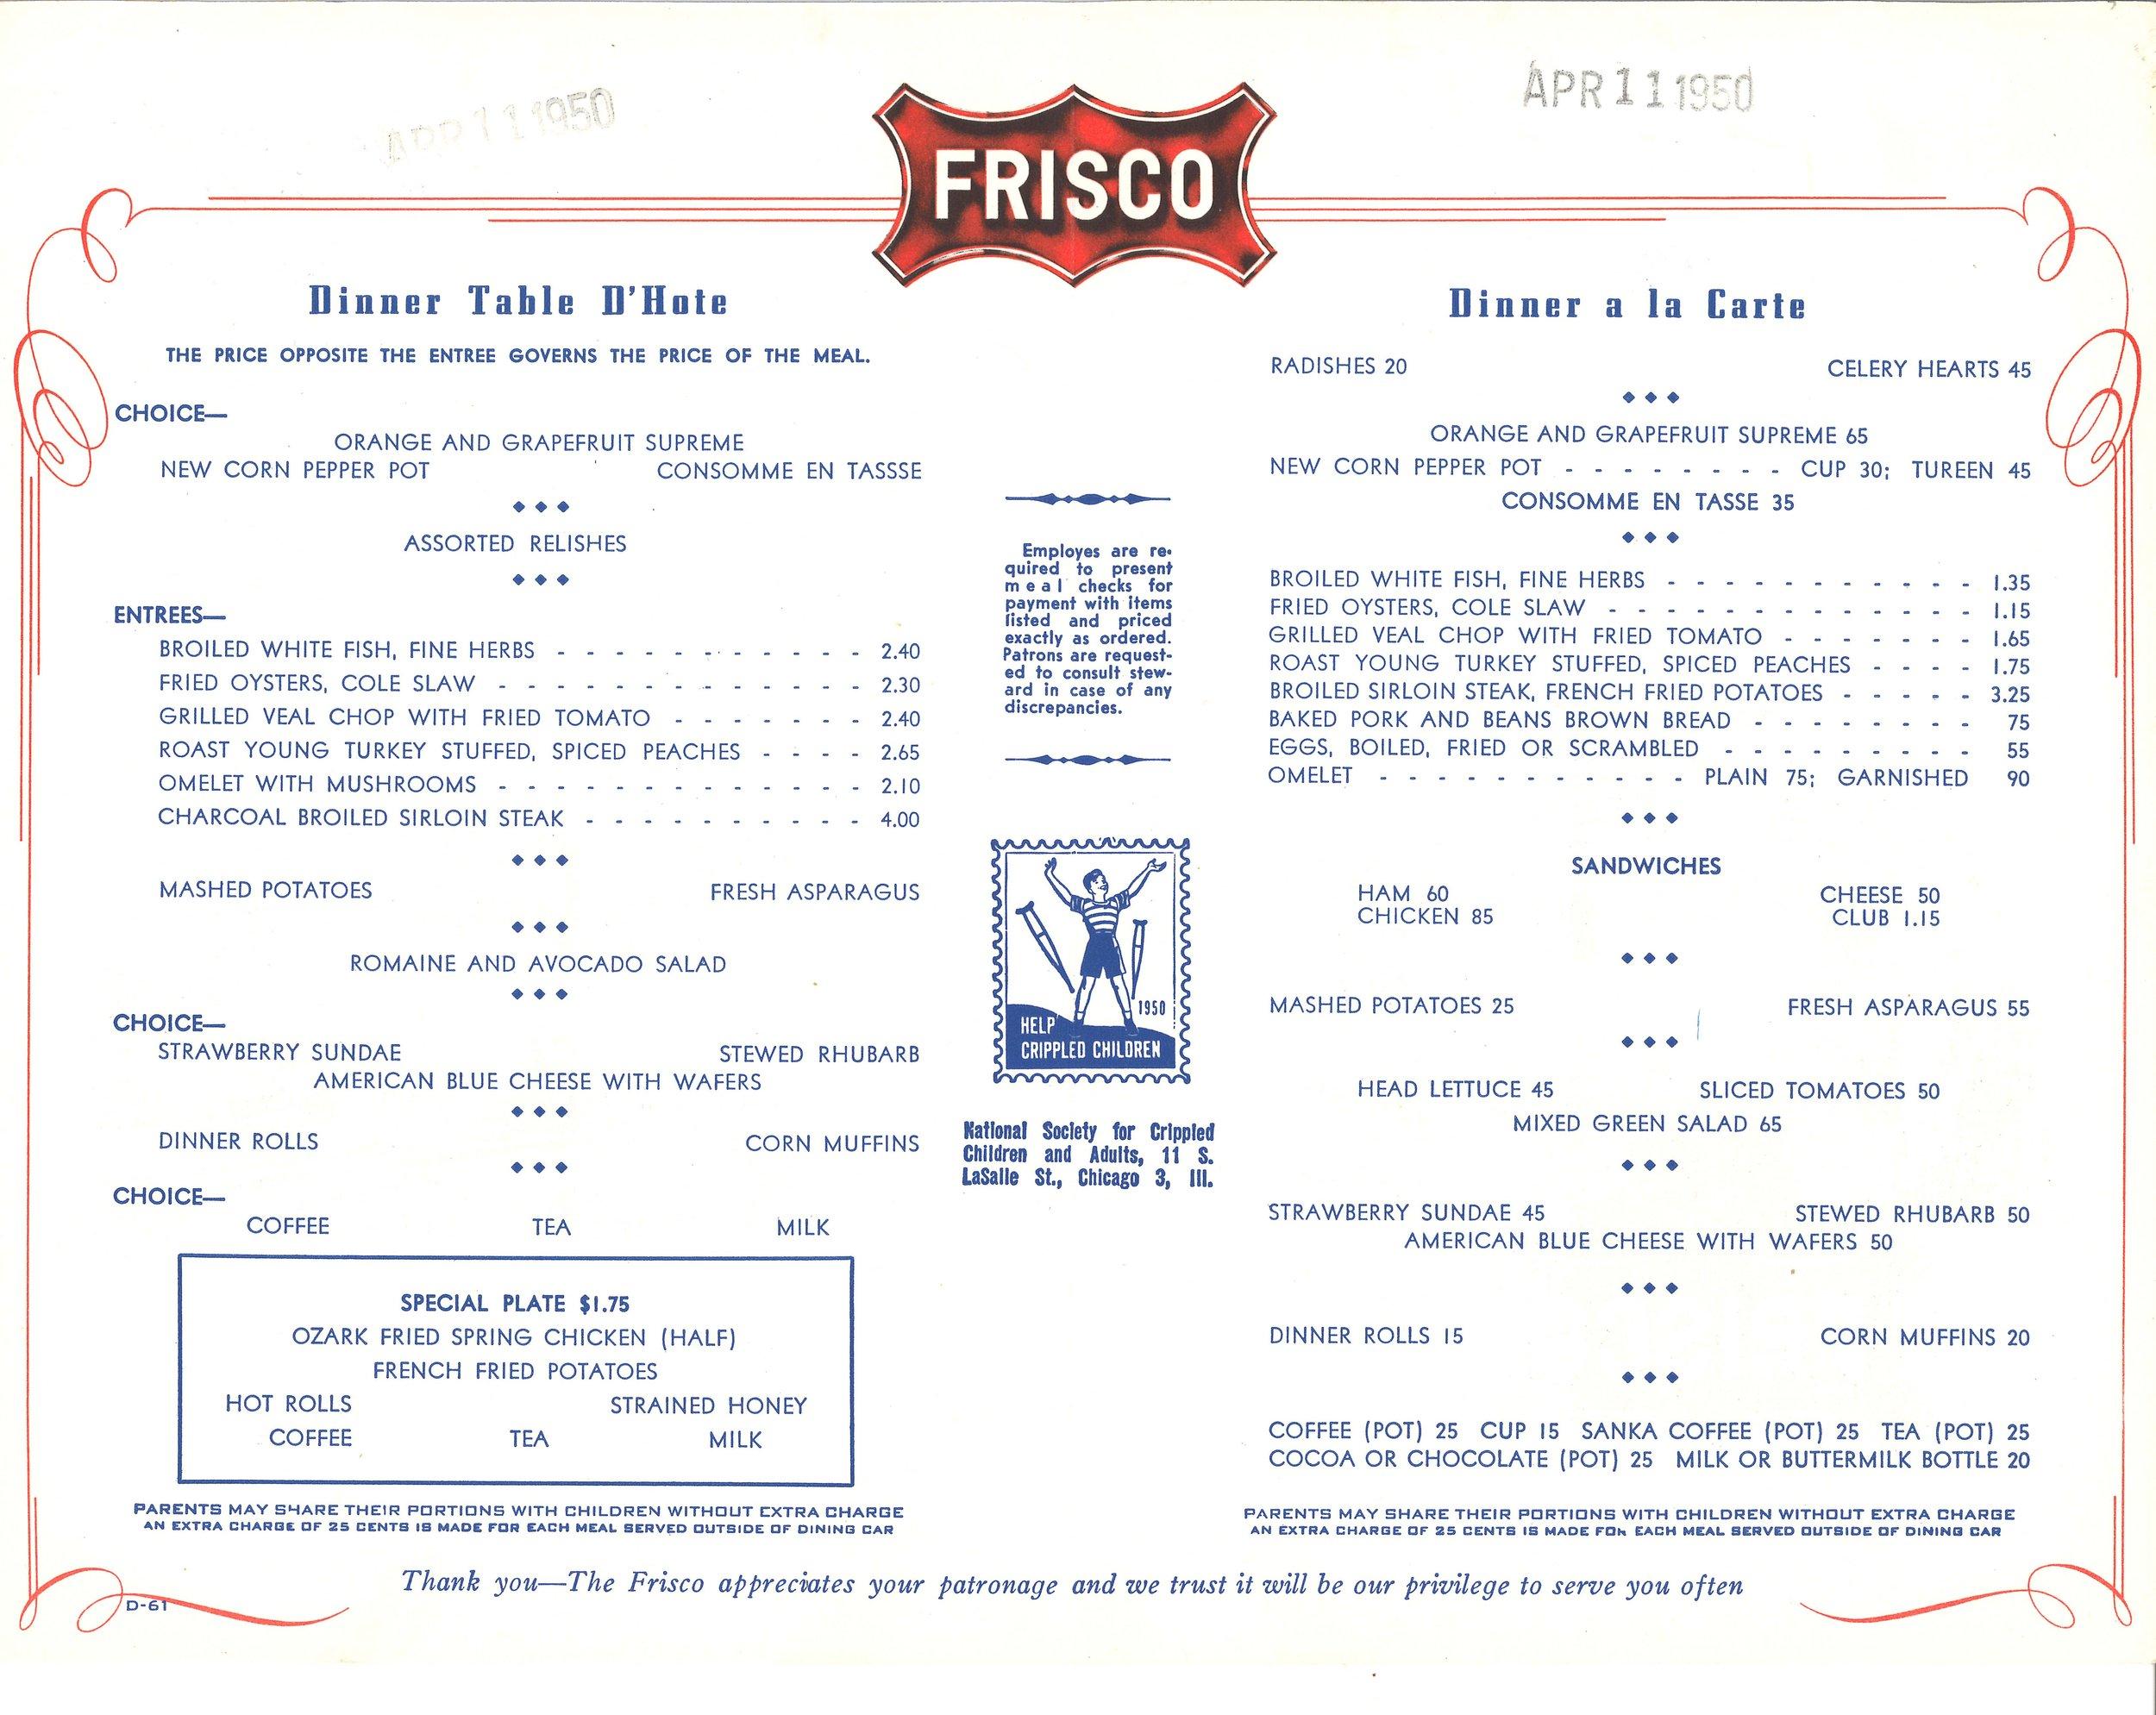 Frisco Texas Special Dinner Menu April 1950_sm2.jpg